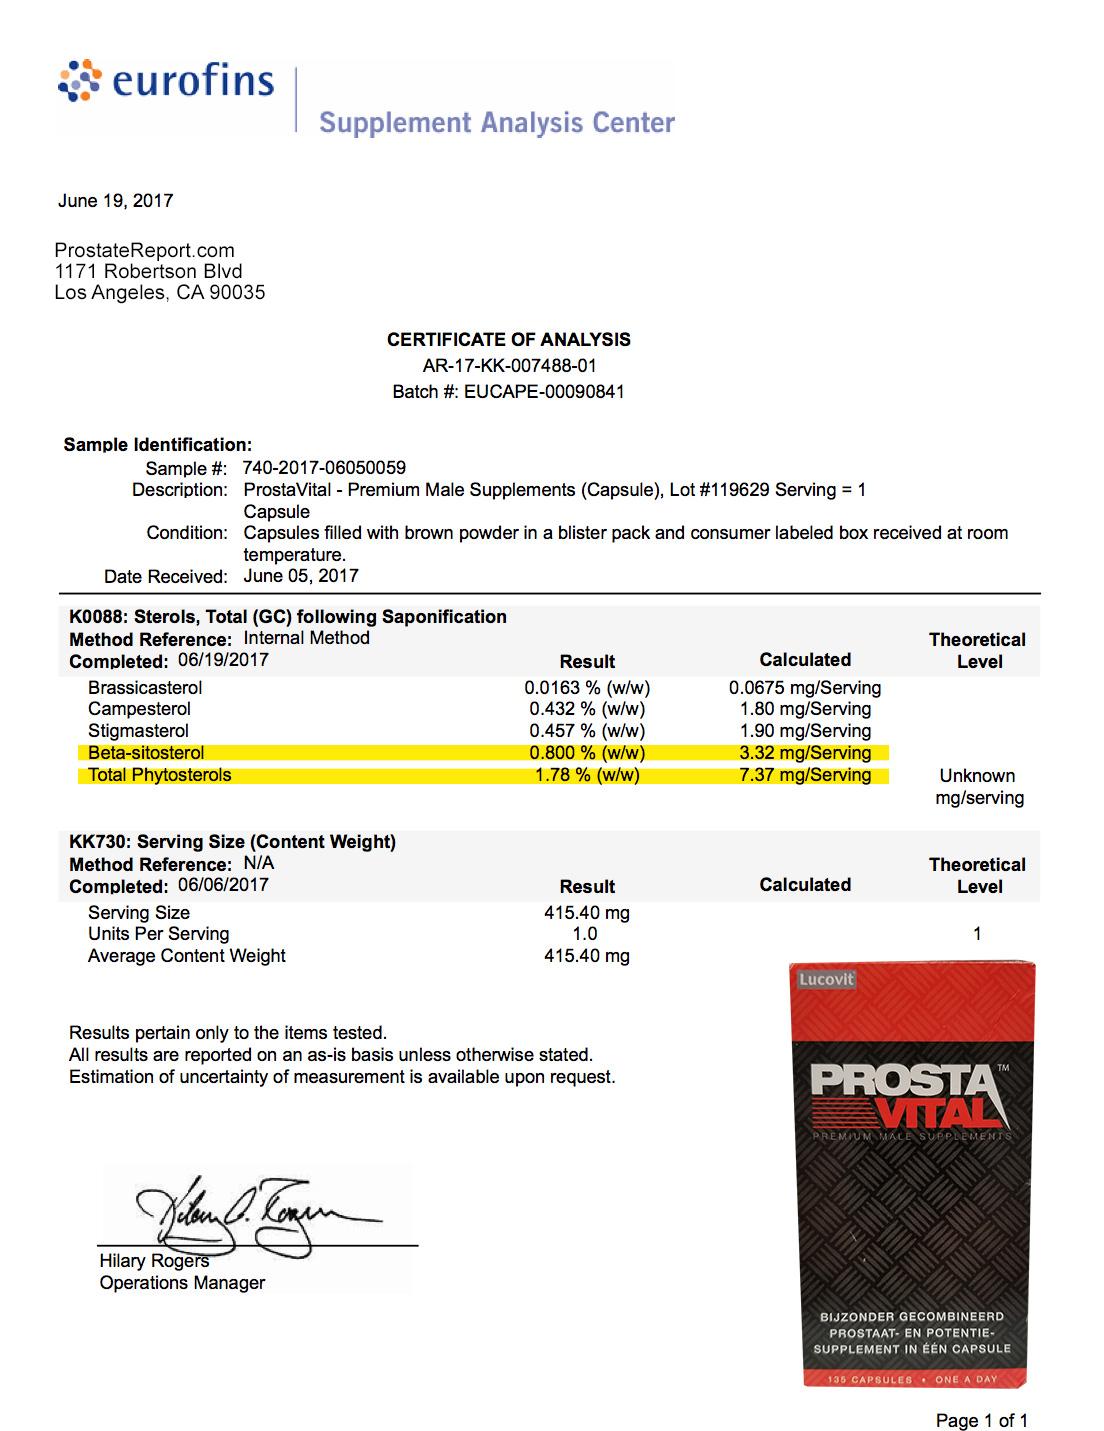 ProstaVital lab report